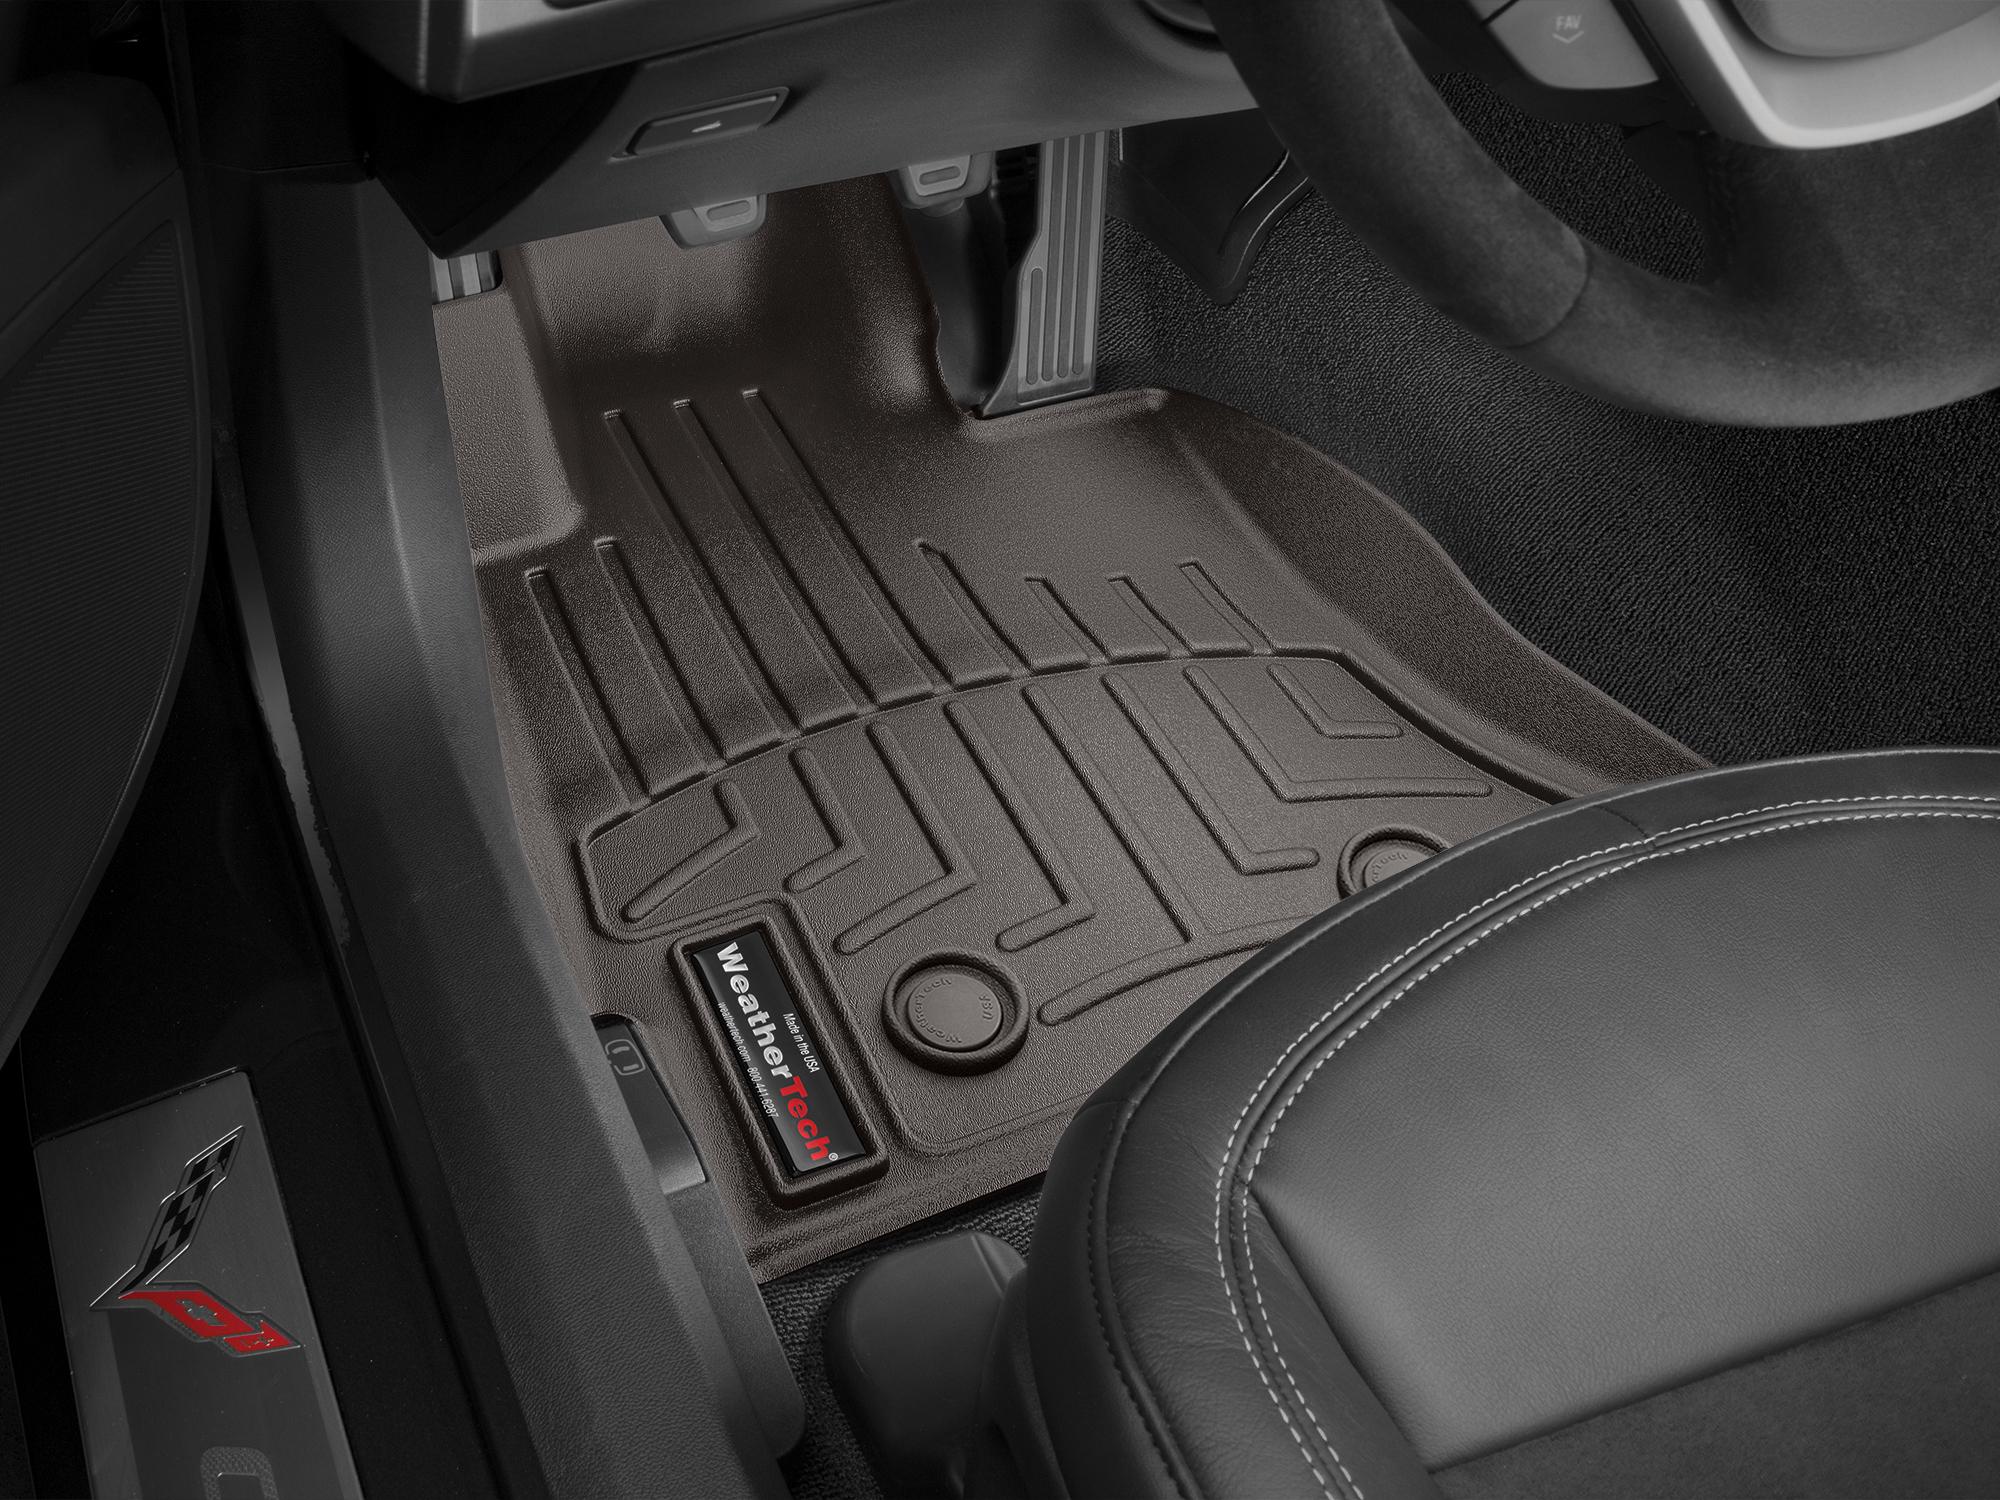 Tappeti gomma su misura bordo alto Chevrolet Corvette 14>17 Cacao A115*